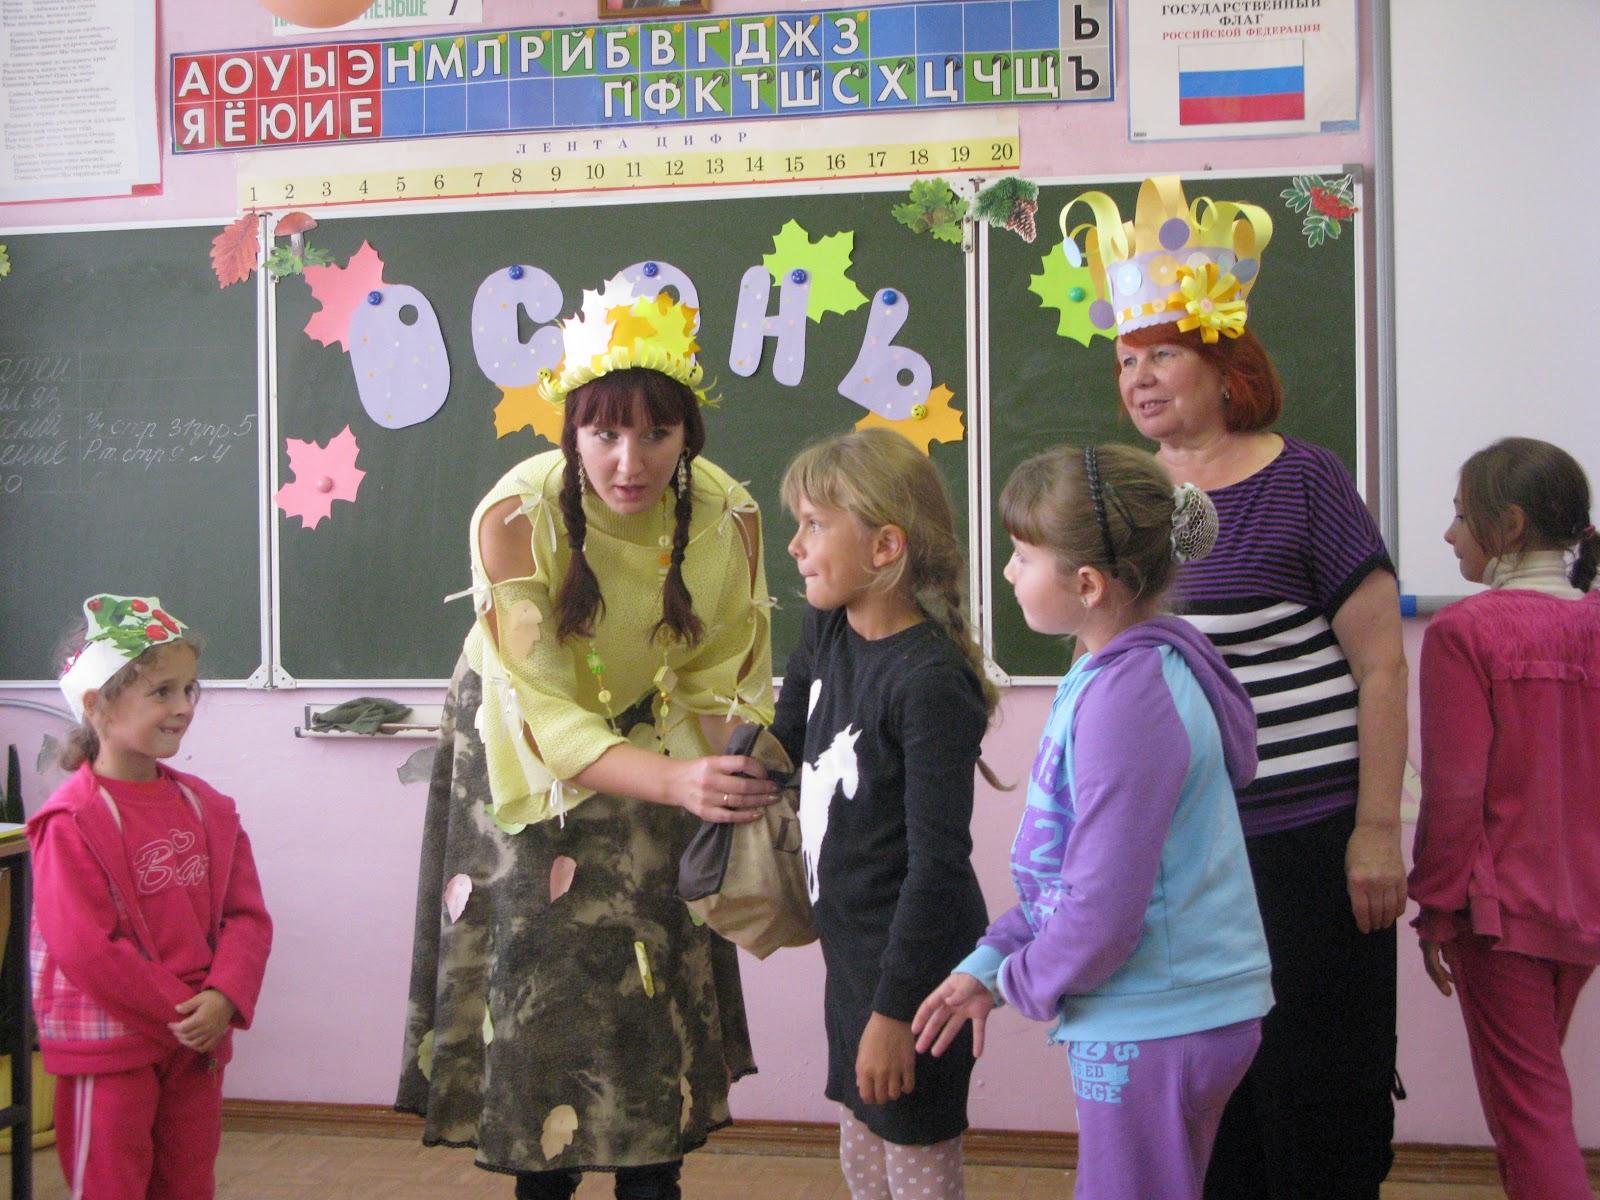 Сценарий праздника для детей начальных классов